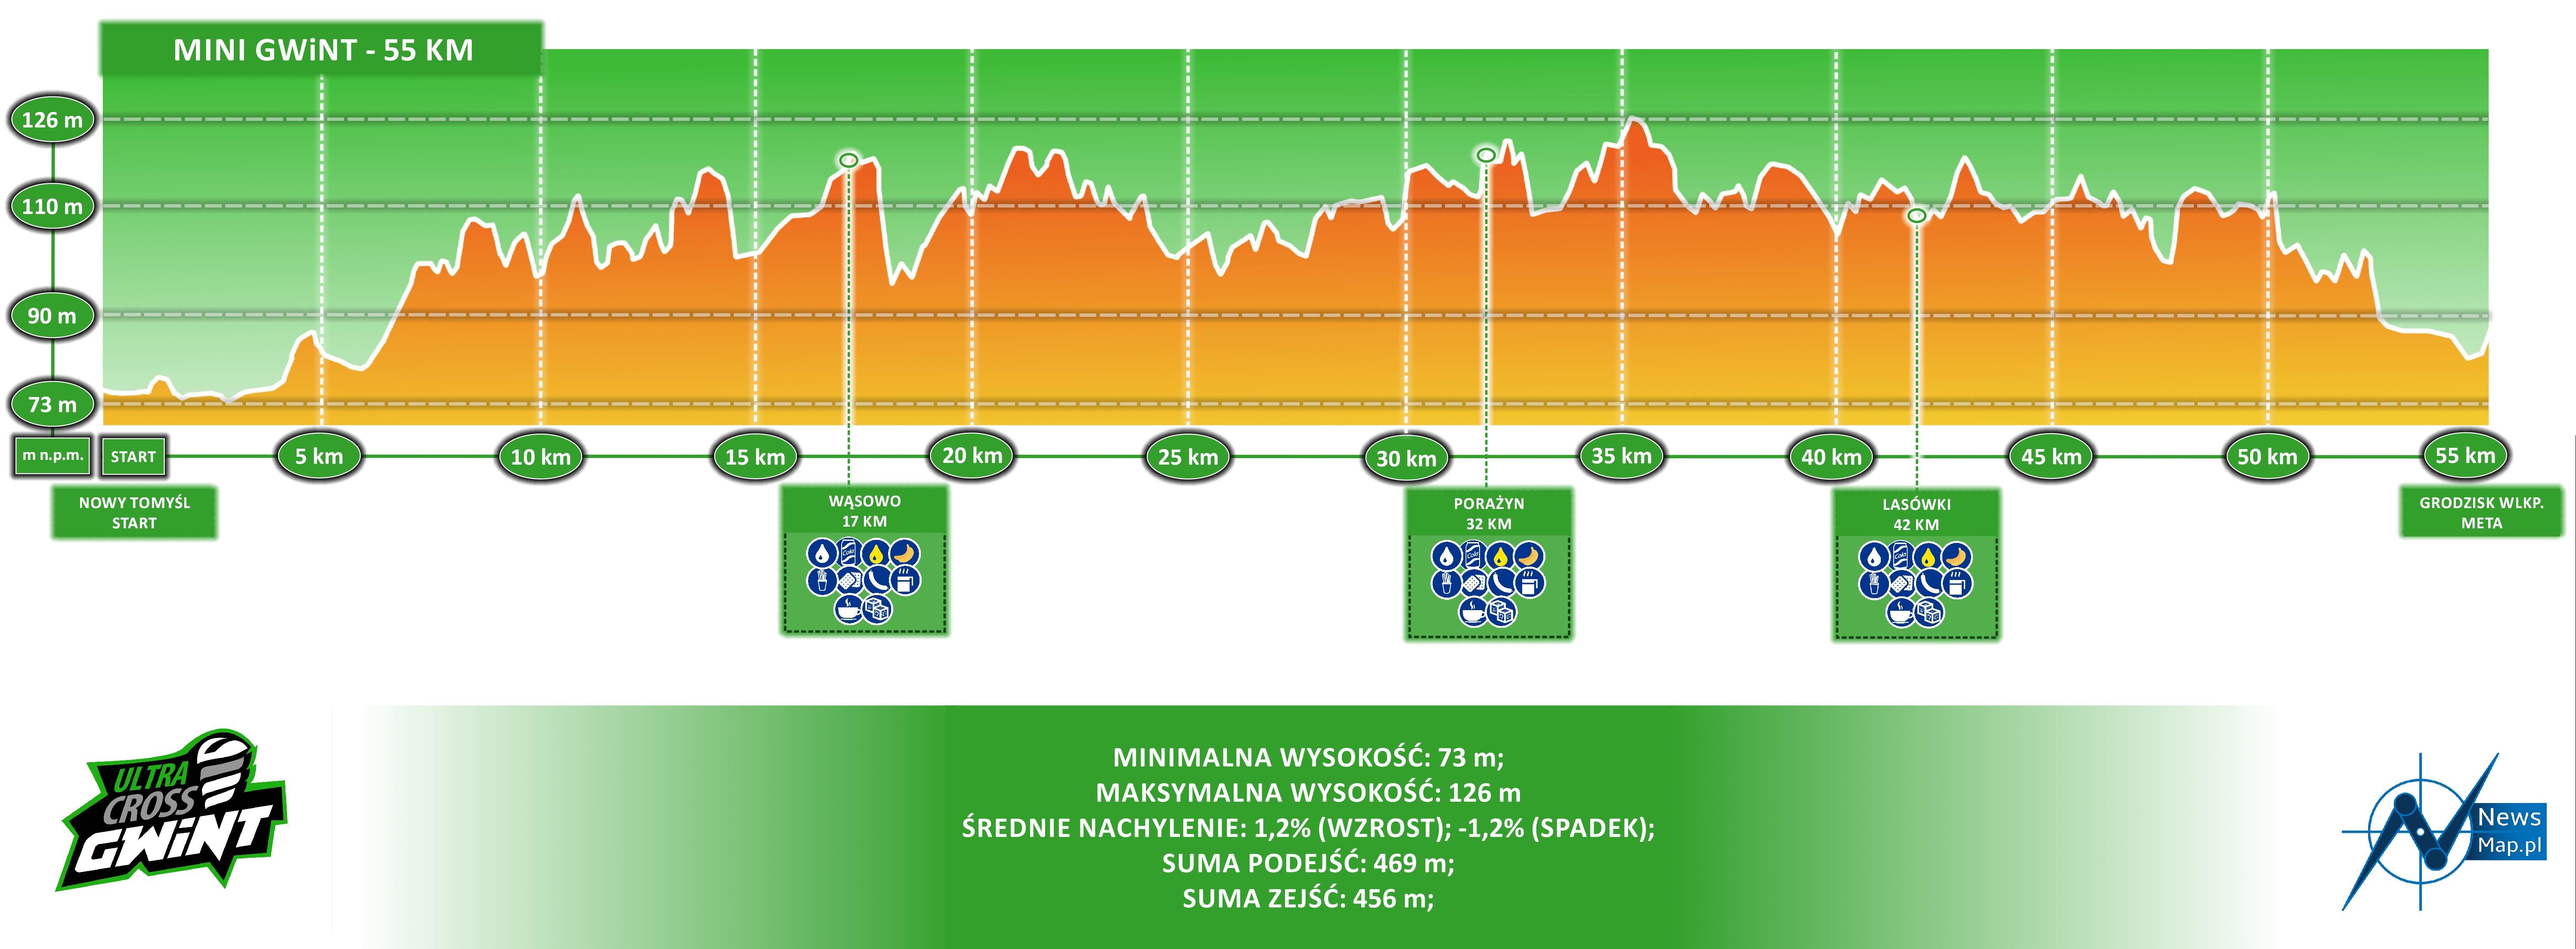 MINI GWiNT 55 km profil topograficzny